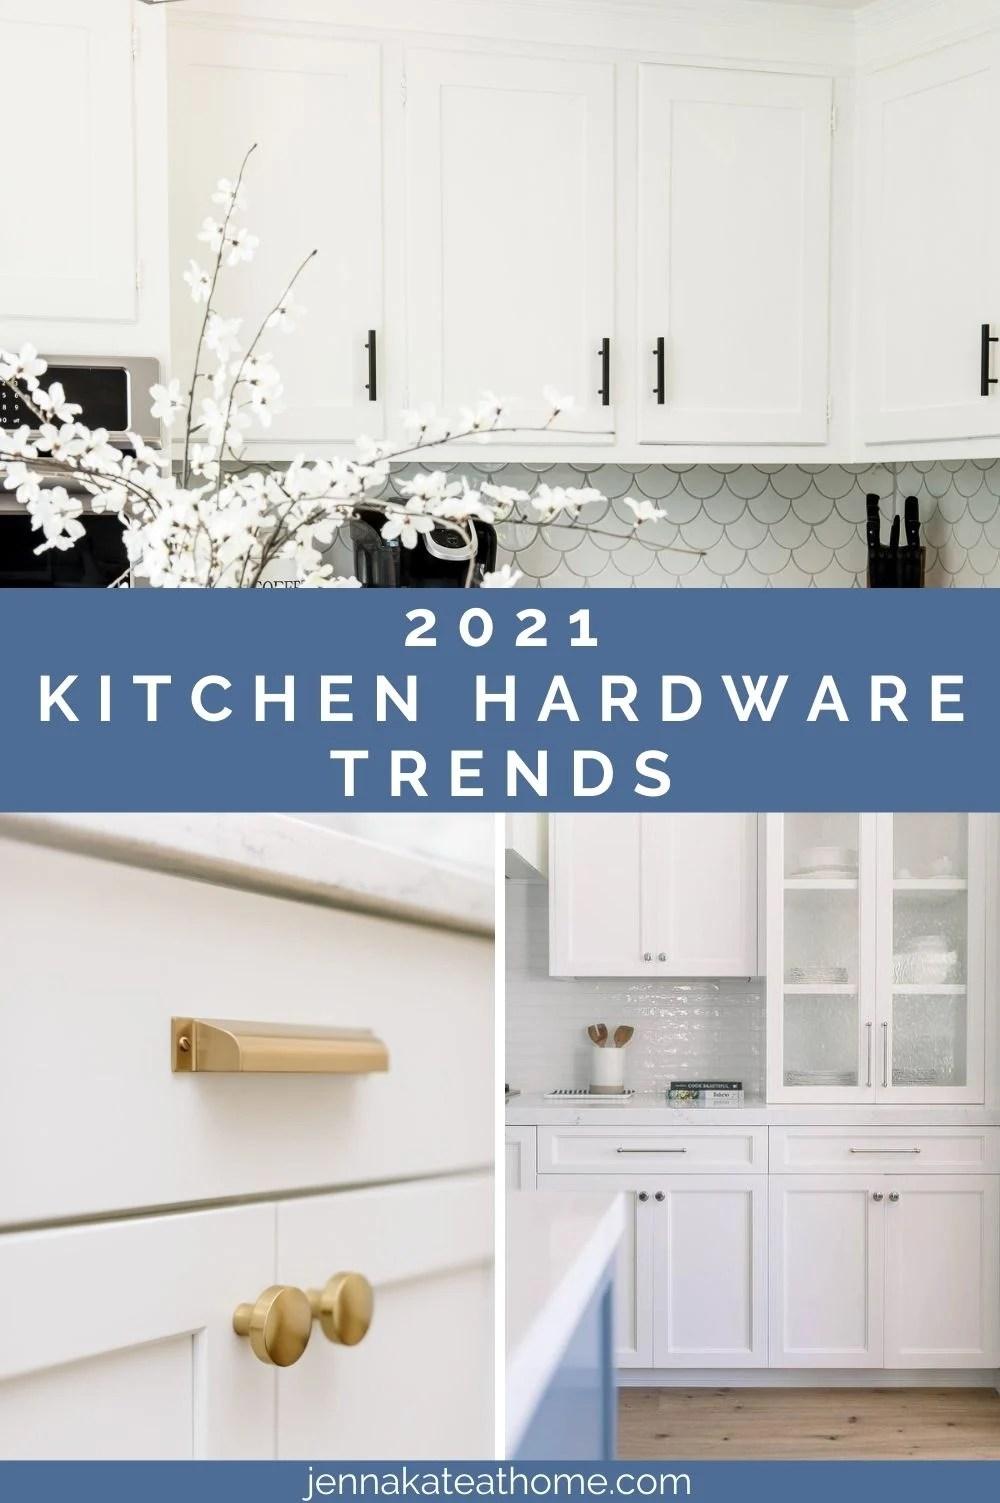 2021 kitchen hardware trends